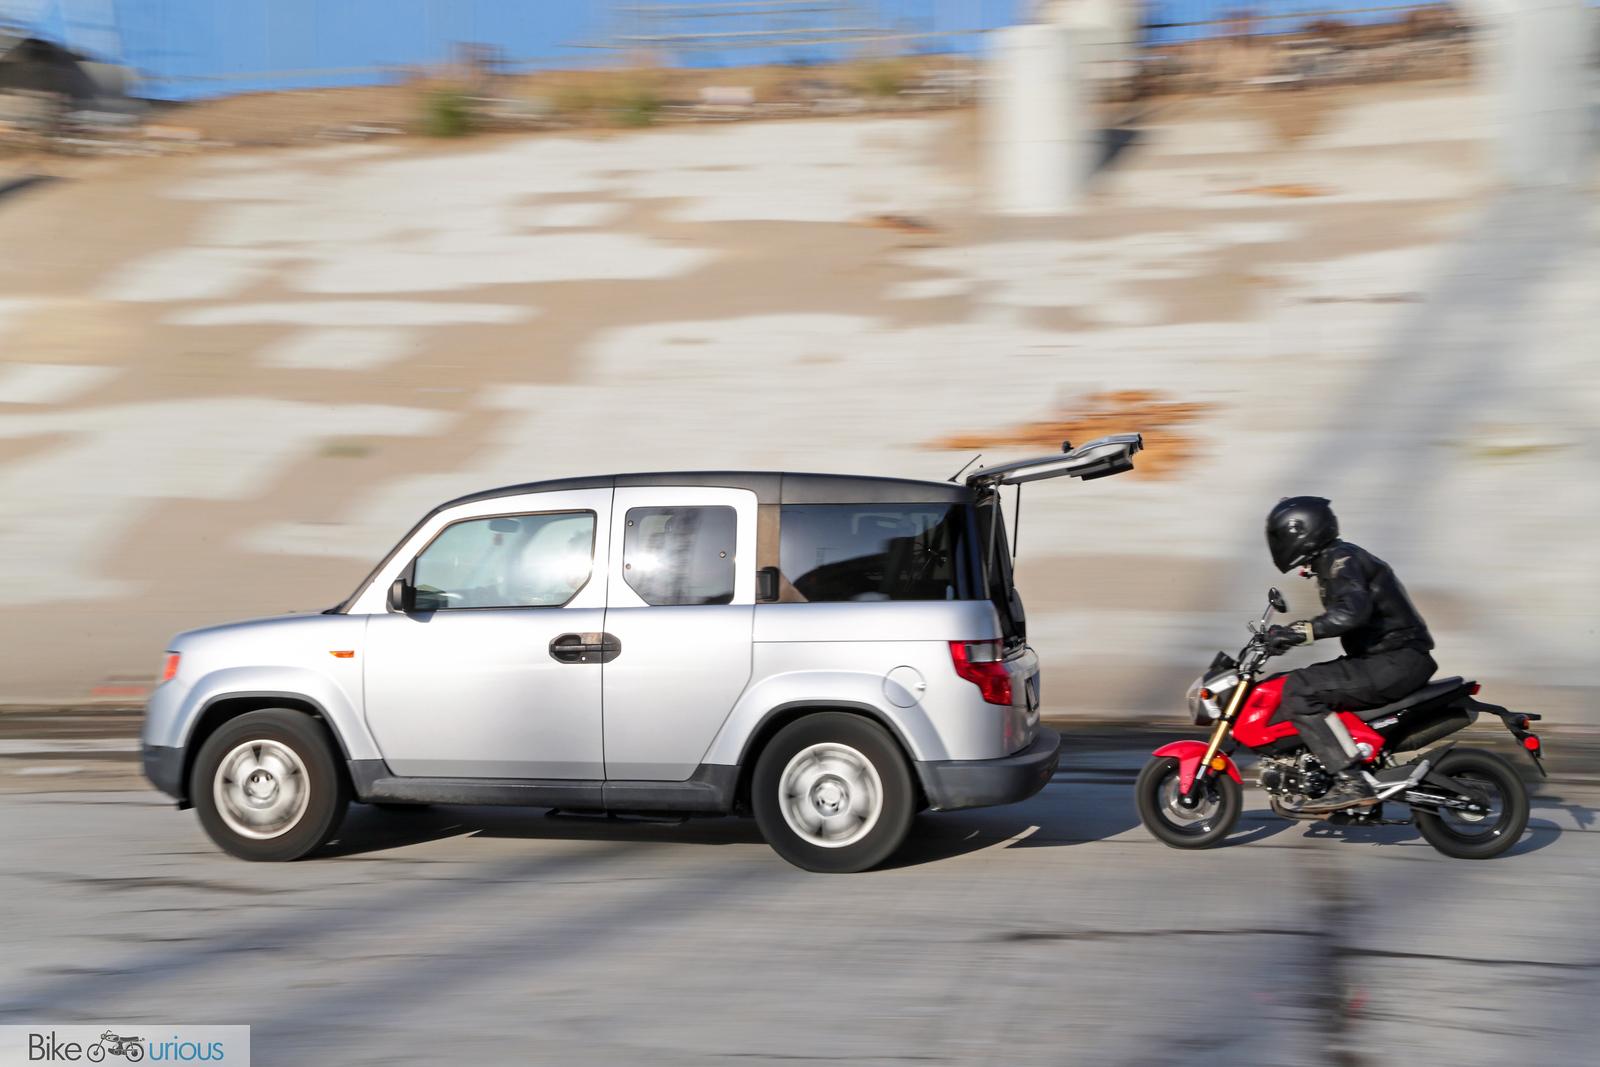 Honda Grom Review >> Bike Review Honda Grom Bike Urious